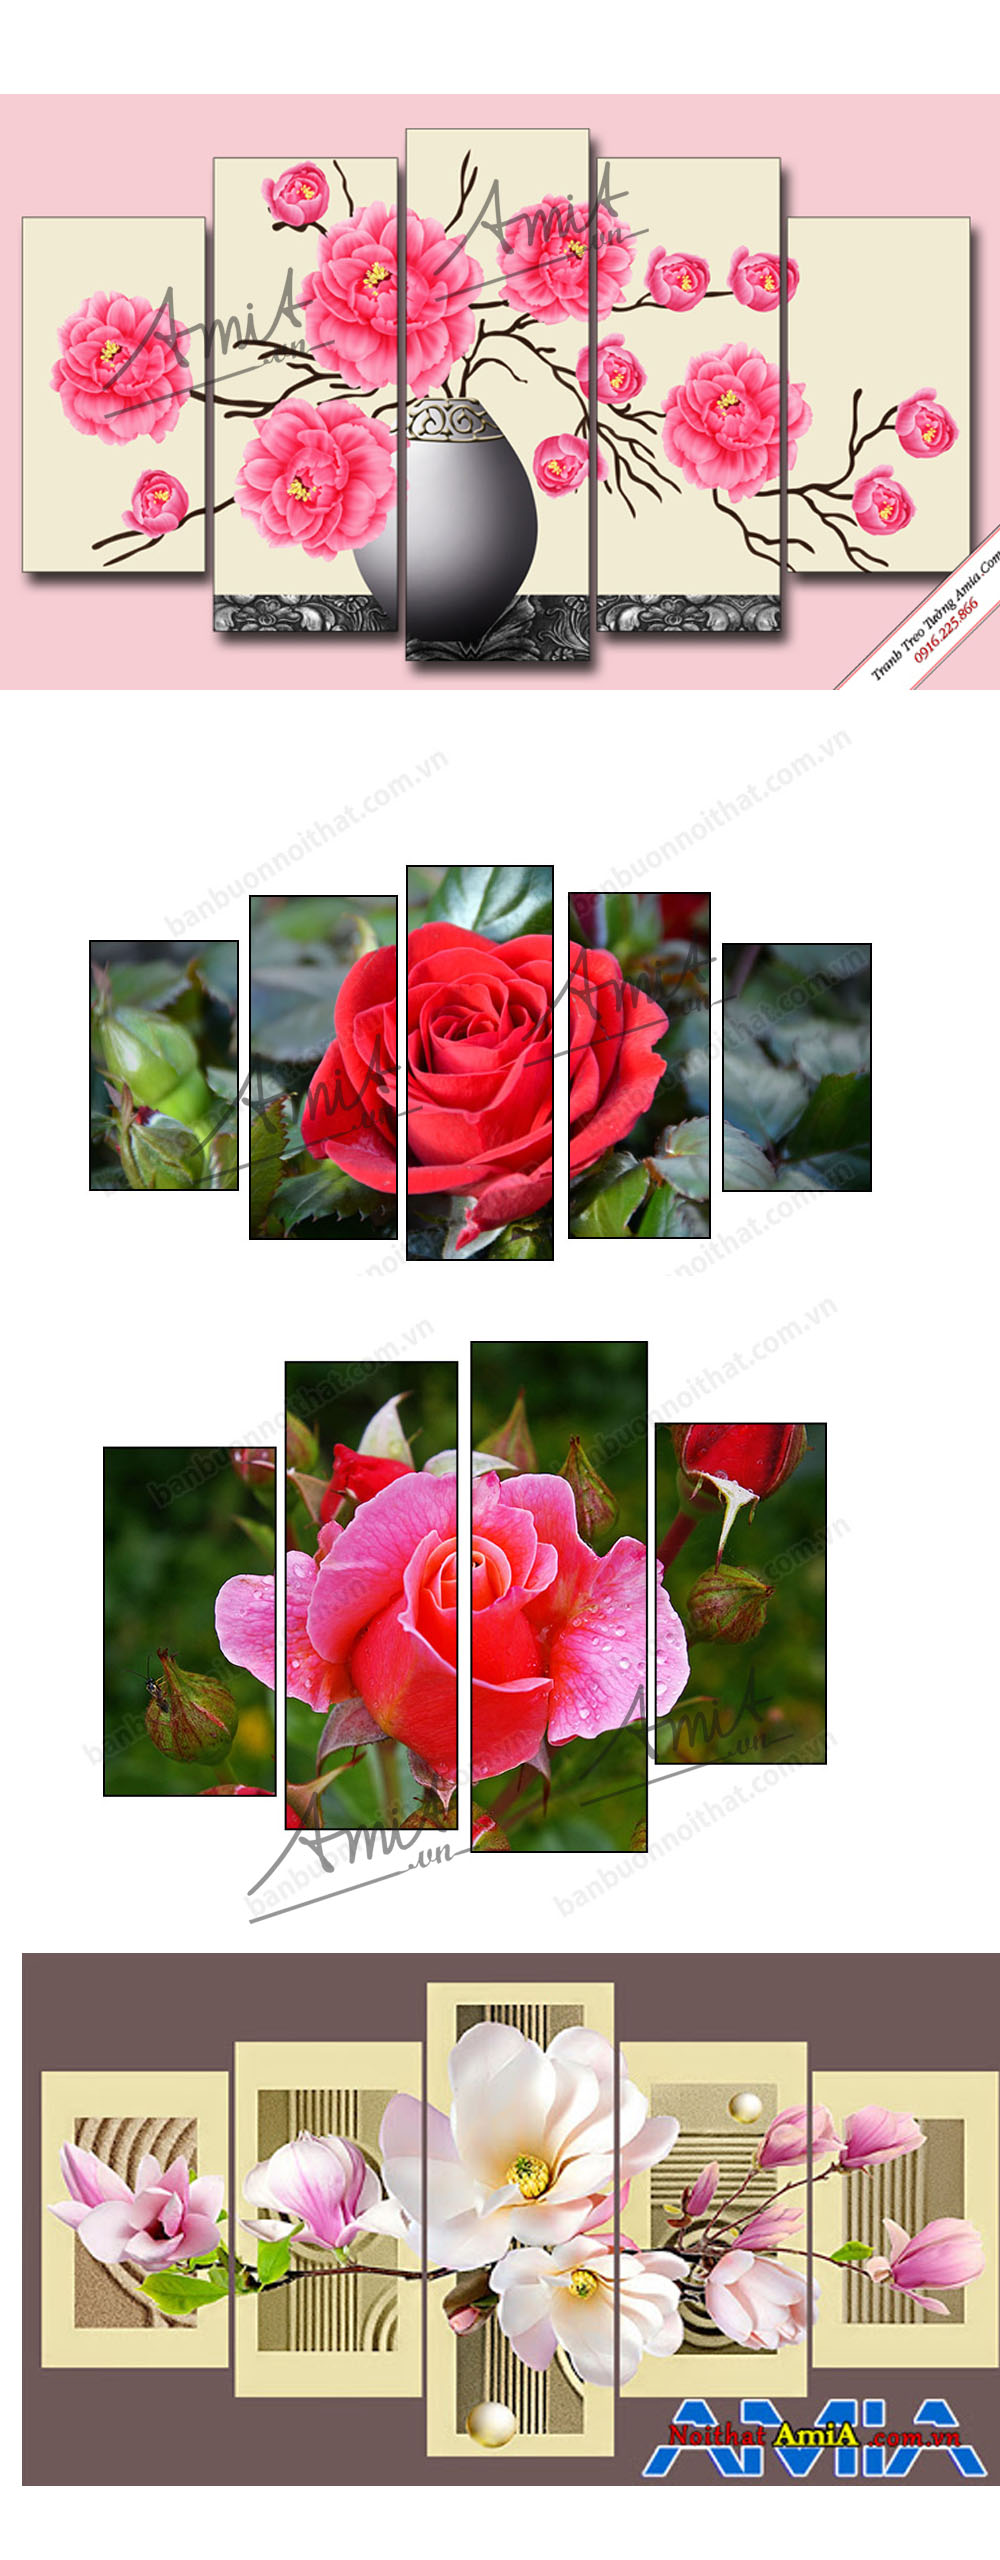 Tranh hoa hồng mang màu sắc lãng mạn thích hợp cho phòng ngủ nữ hoặc phòng vợ chồng son